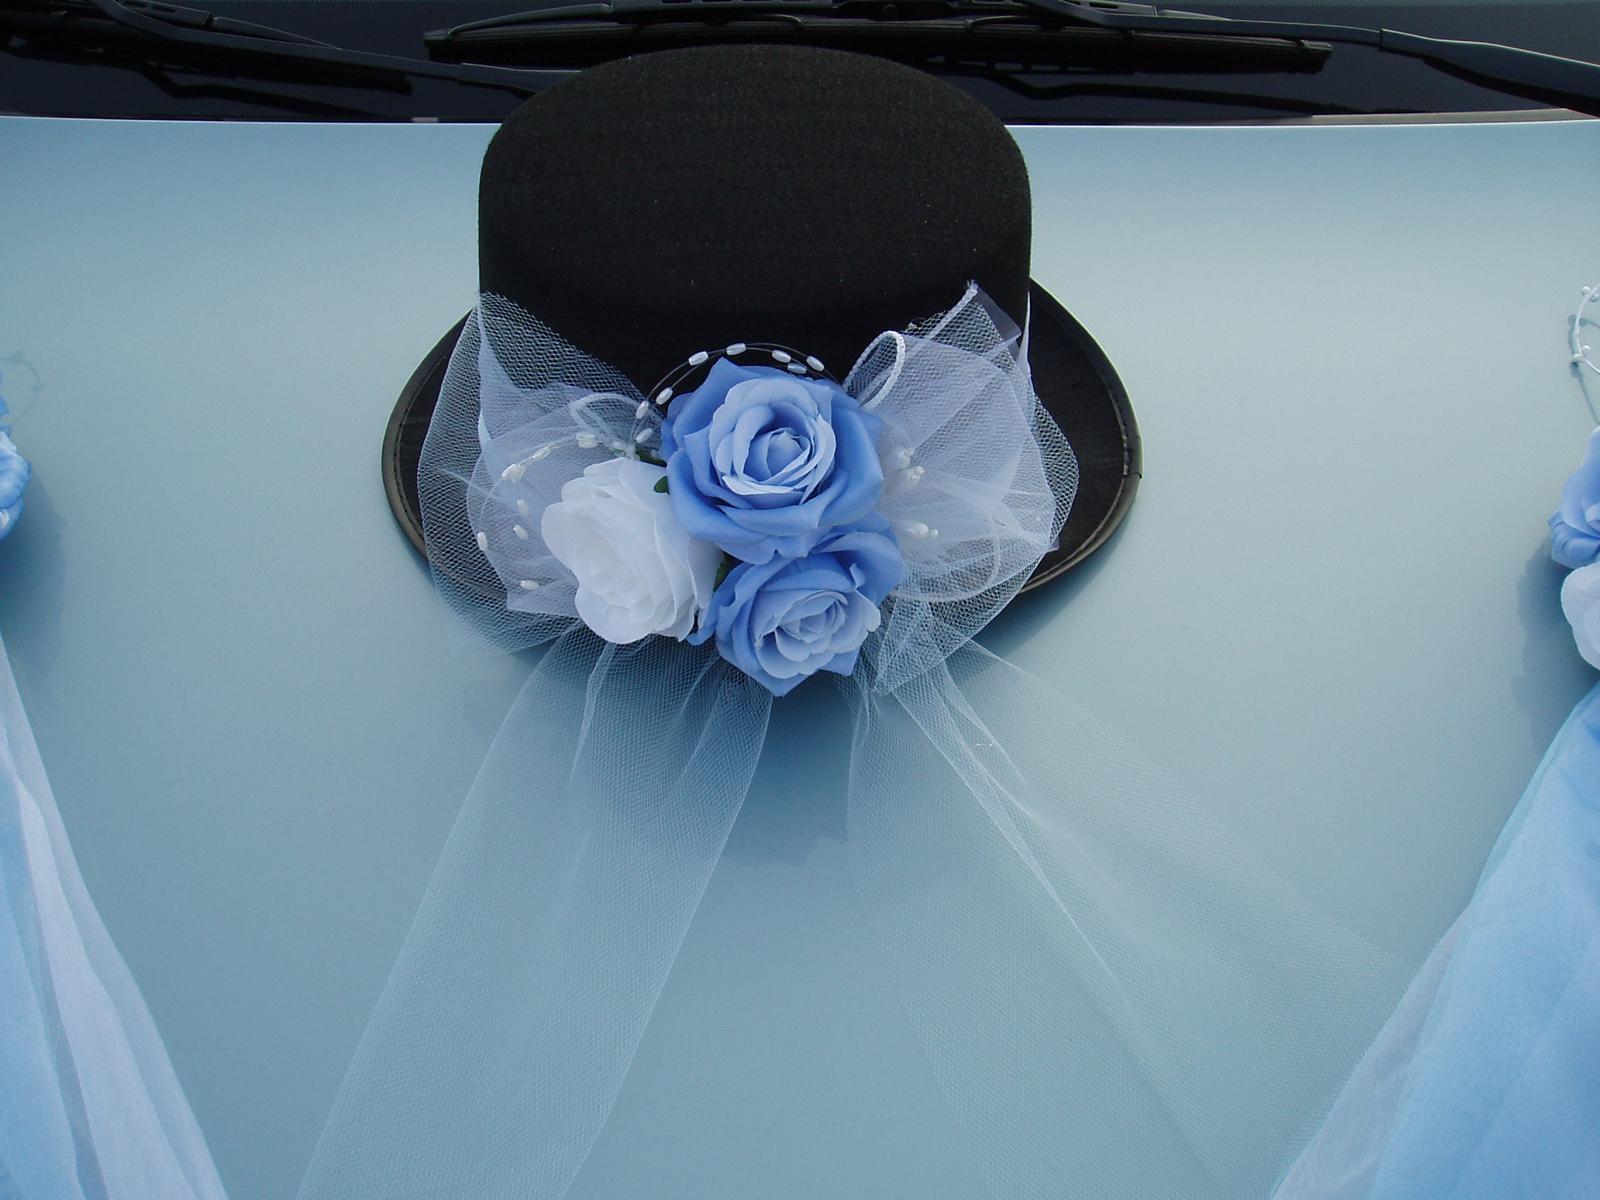 cylindr-modré růže - Obrázek č. 1